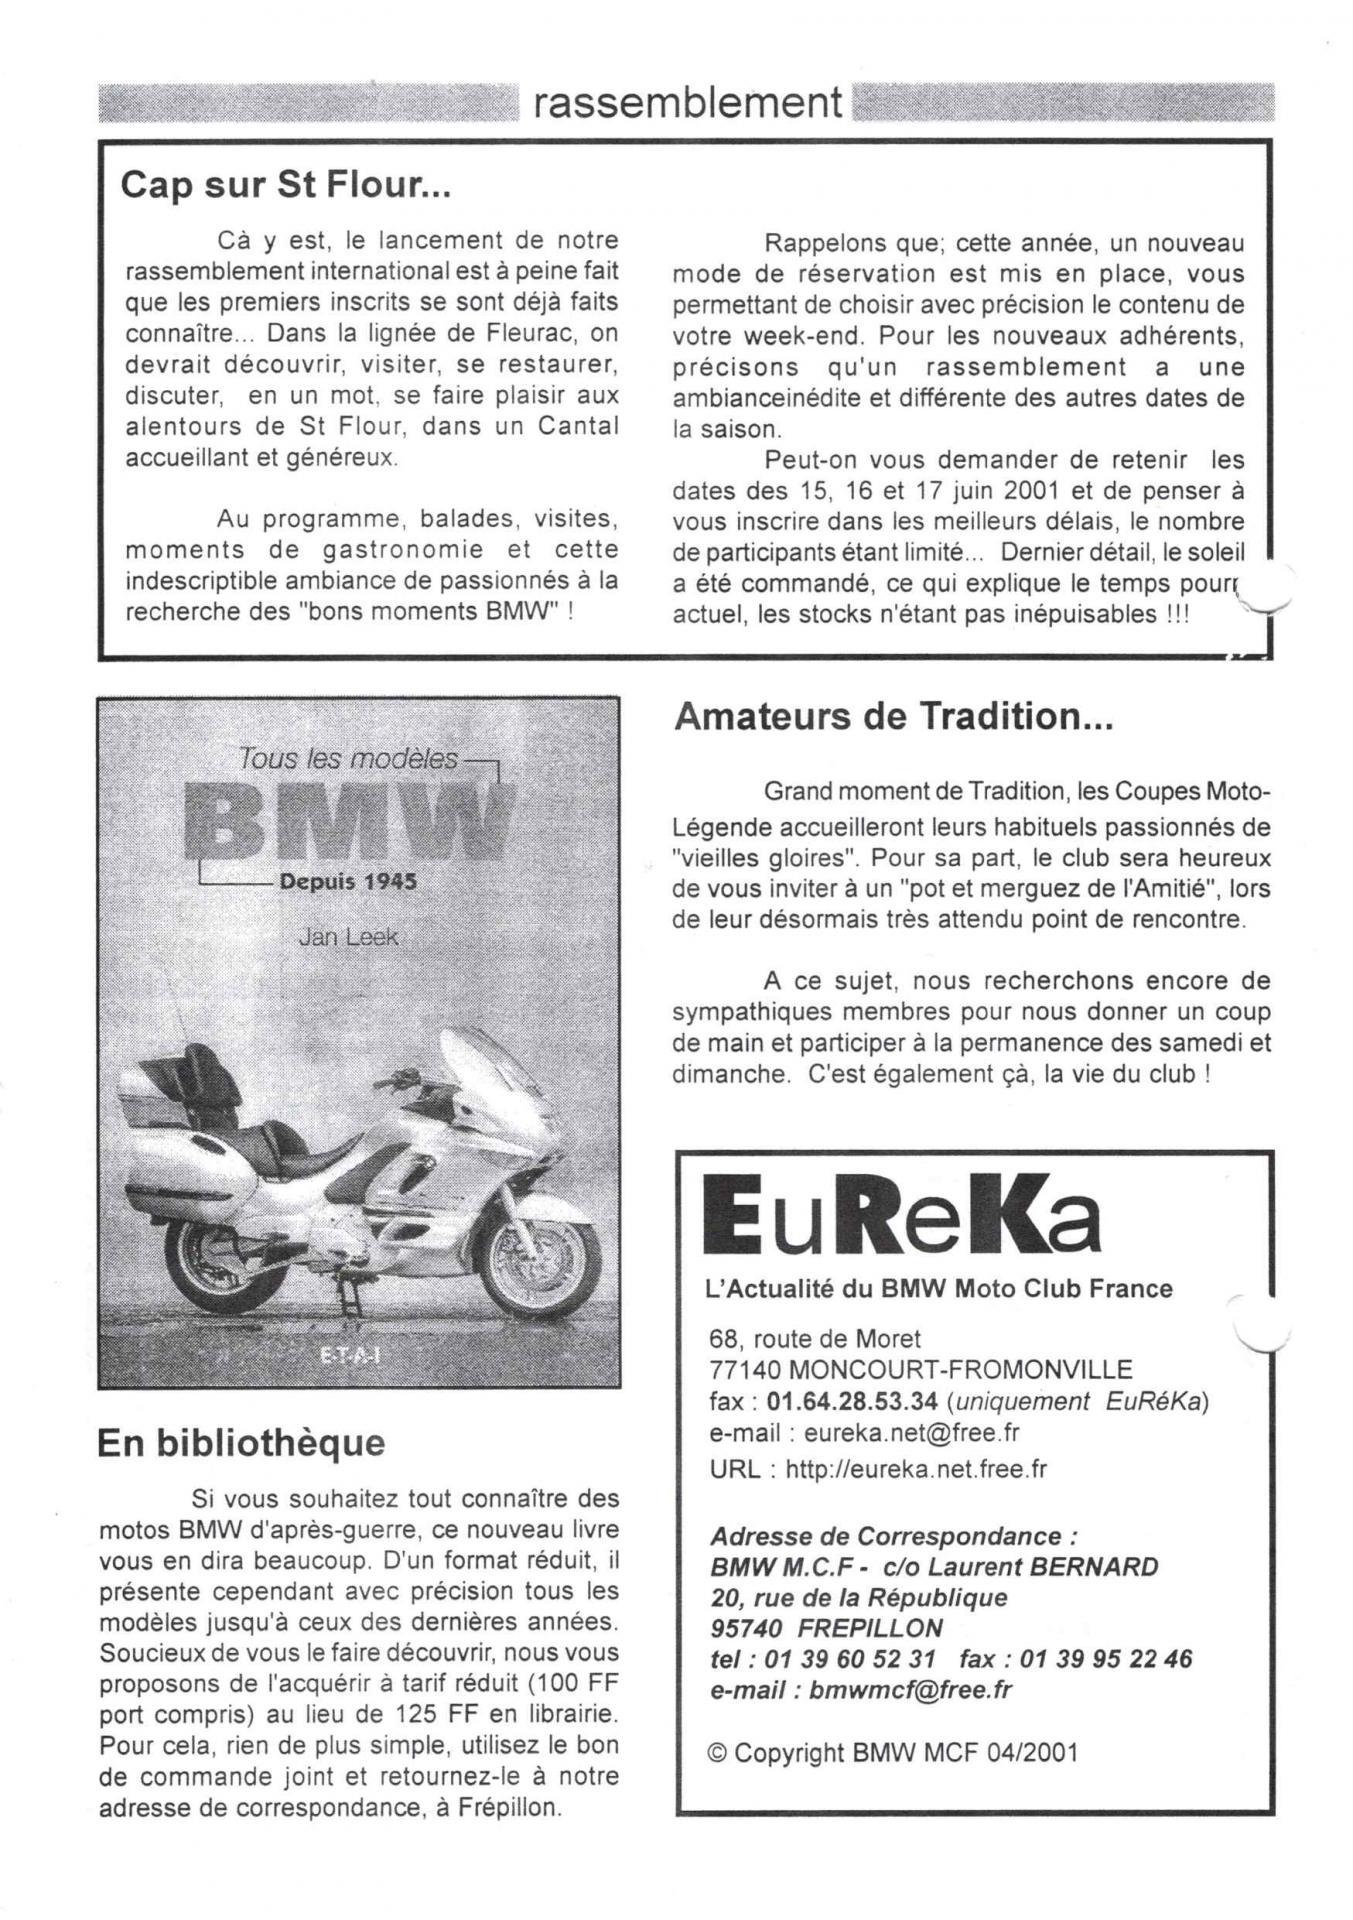 2001 01 eureka express 4